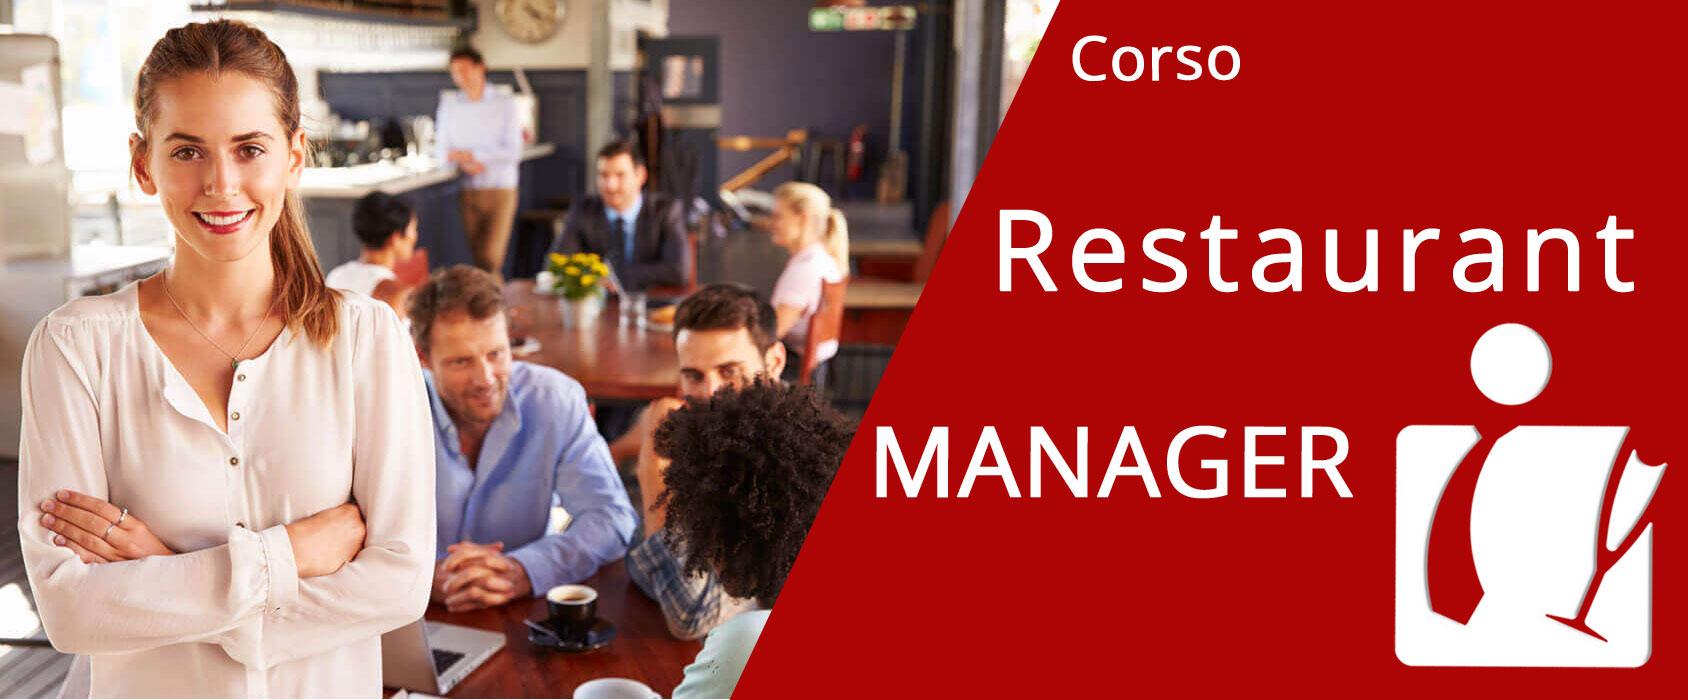 slider-restaurant-manager